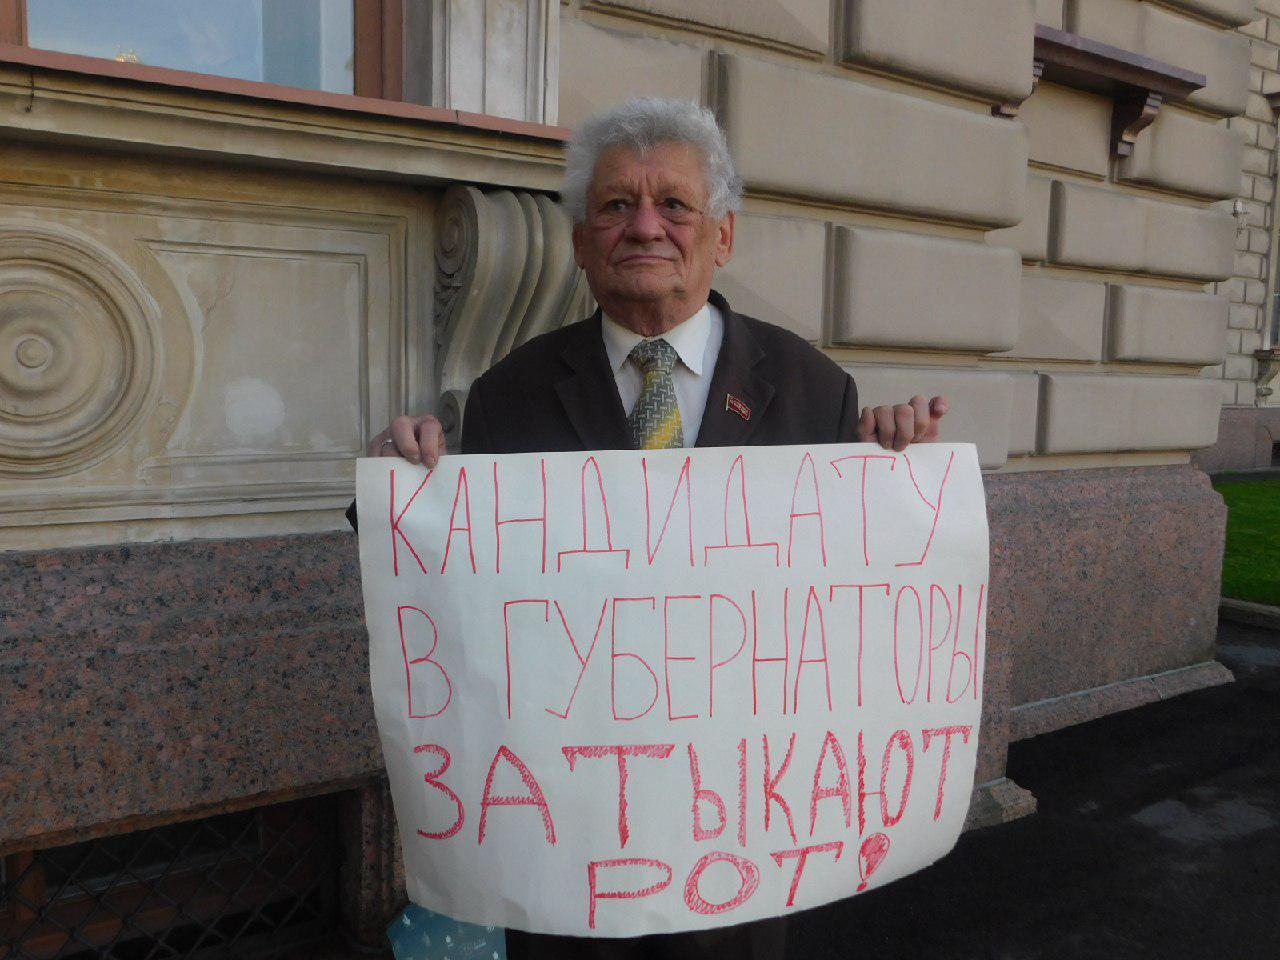 фото ЗакС политика Кандидат в губернаторы Петербурга Машковцев встал в пикет у стен Заксобрания